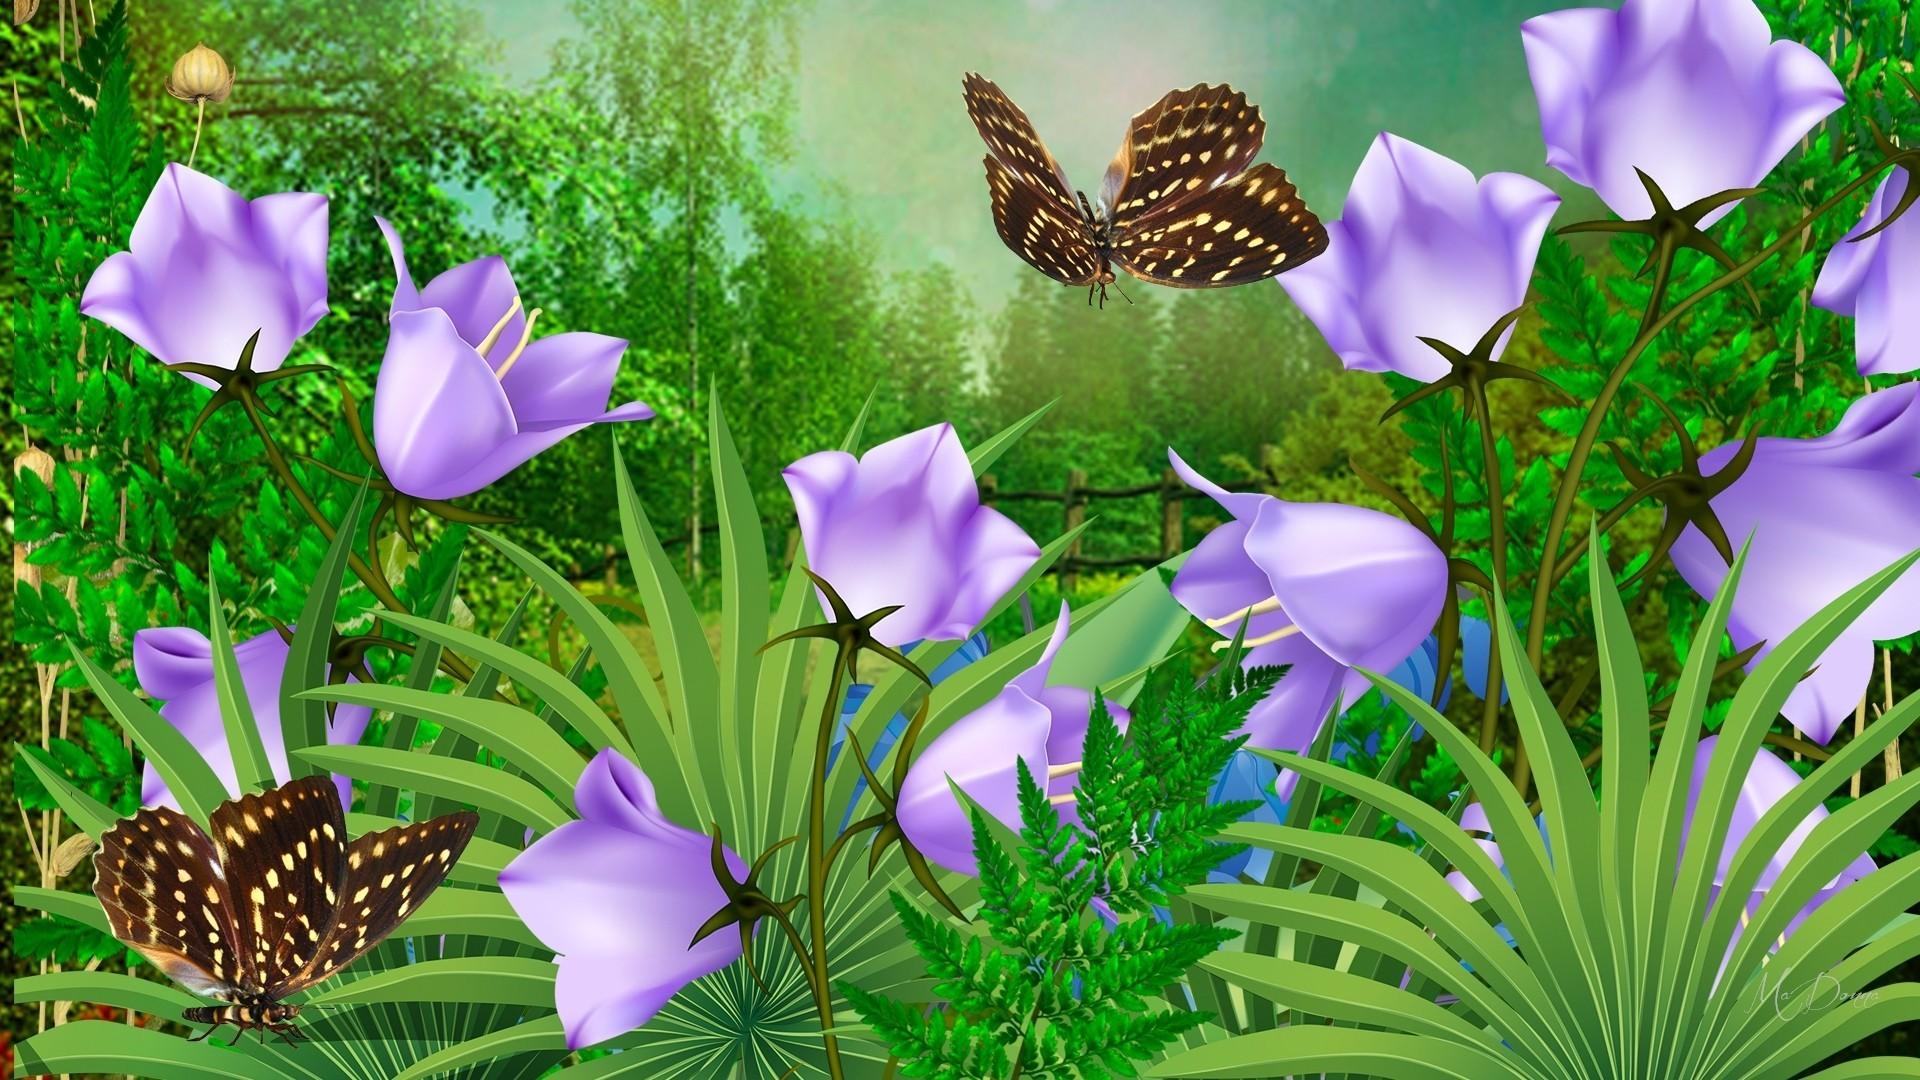 Картинки с анимацией с бабочками, открытки